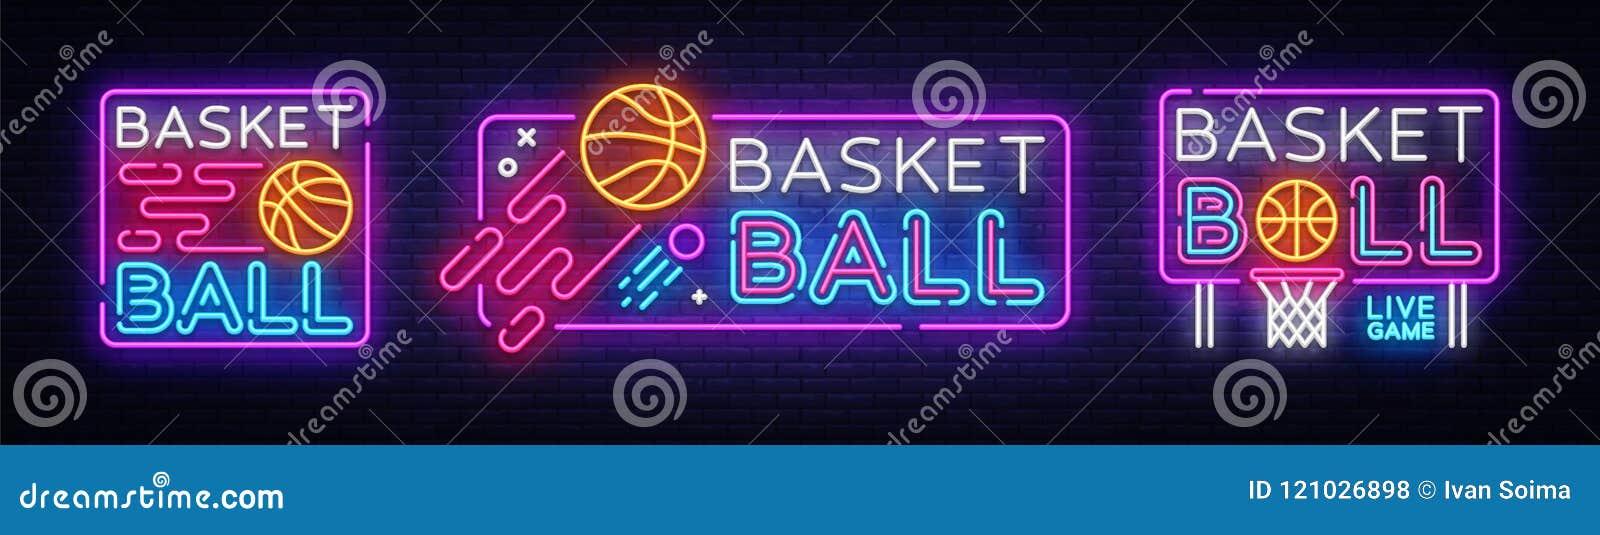 Koszykówka neonowego znaka kolekci wektor Koszykówka projekta szablonu neonowy znak, lekki sztandar, neonowy signboard, nocny